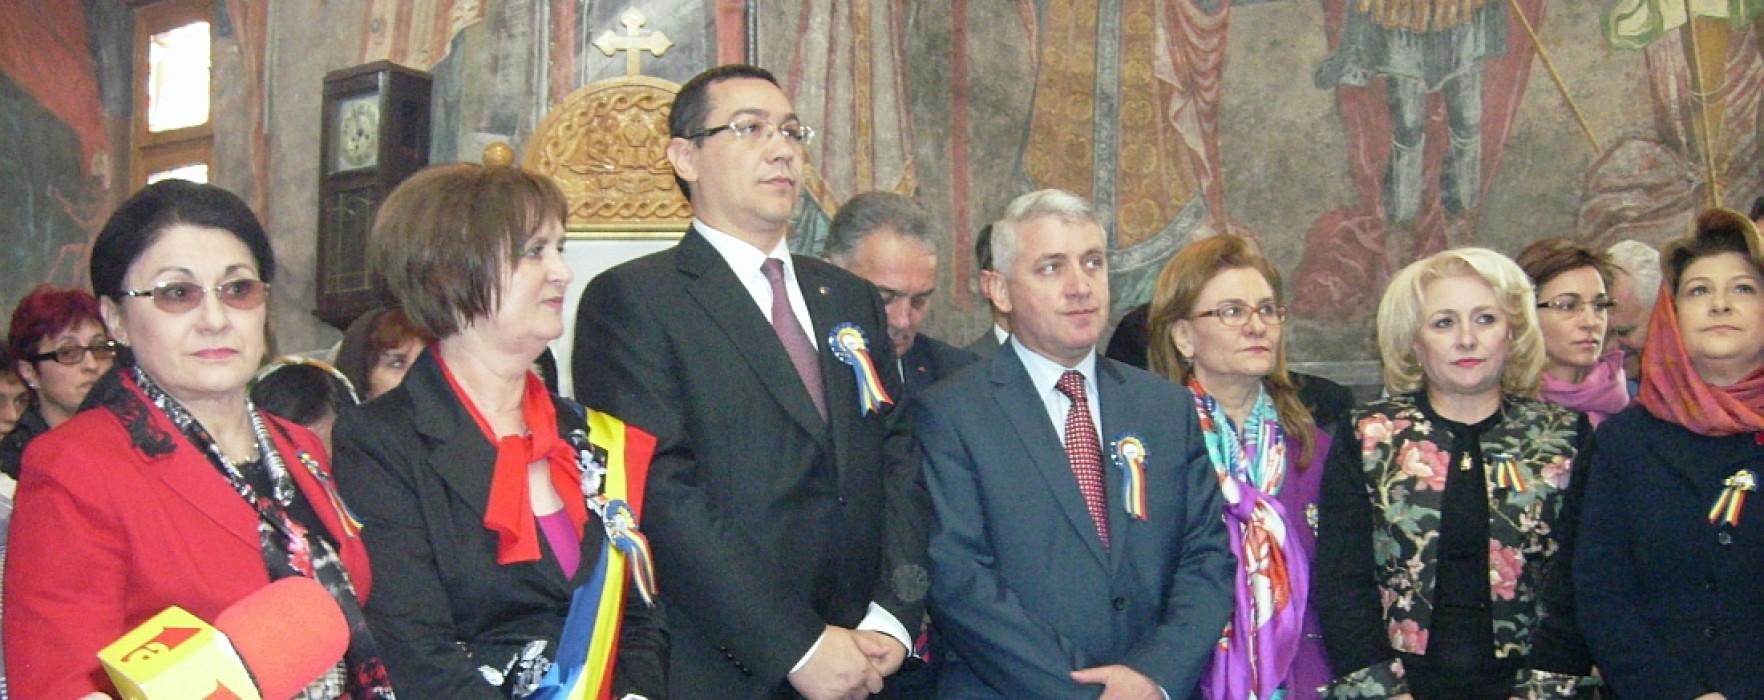 Victor Ponta: E important pentru conducătorii ţării să aibă mintea sănătoasă